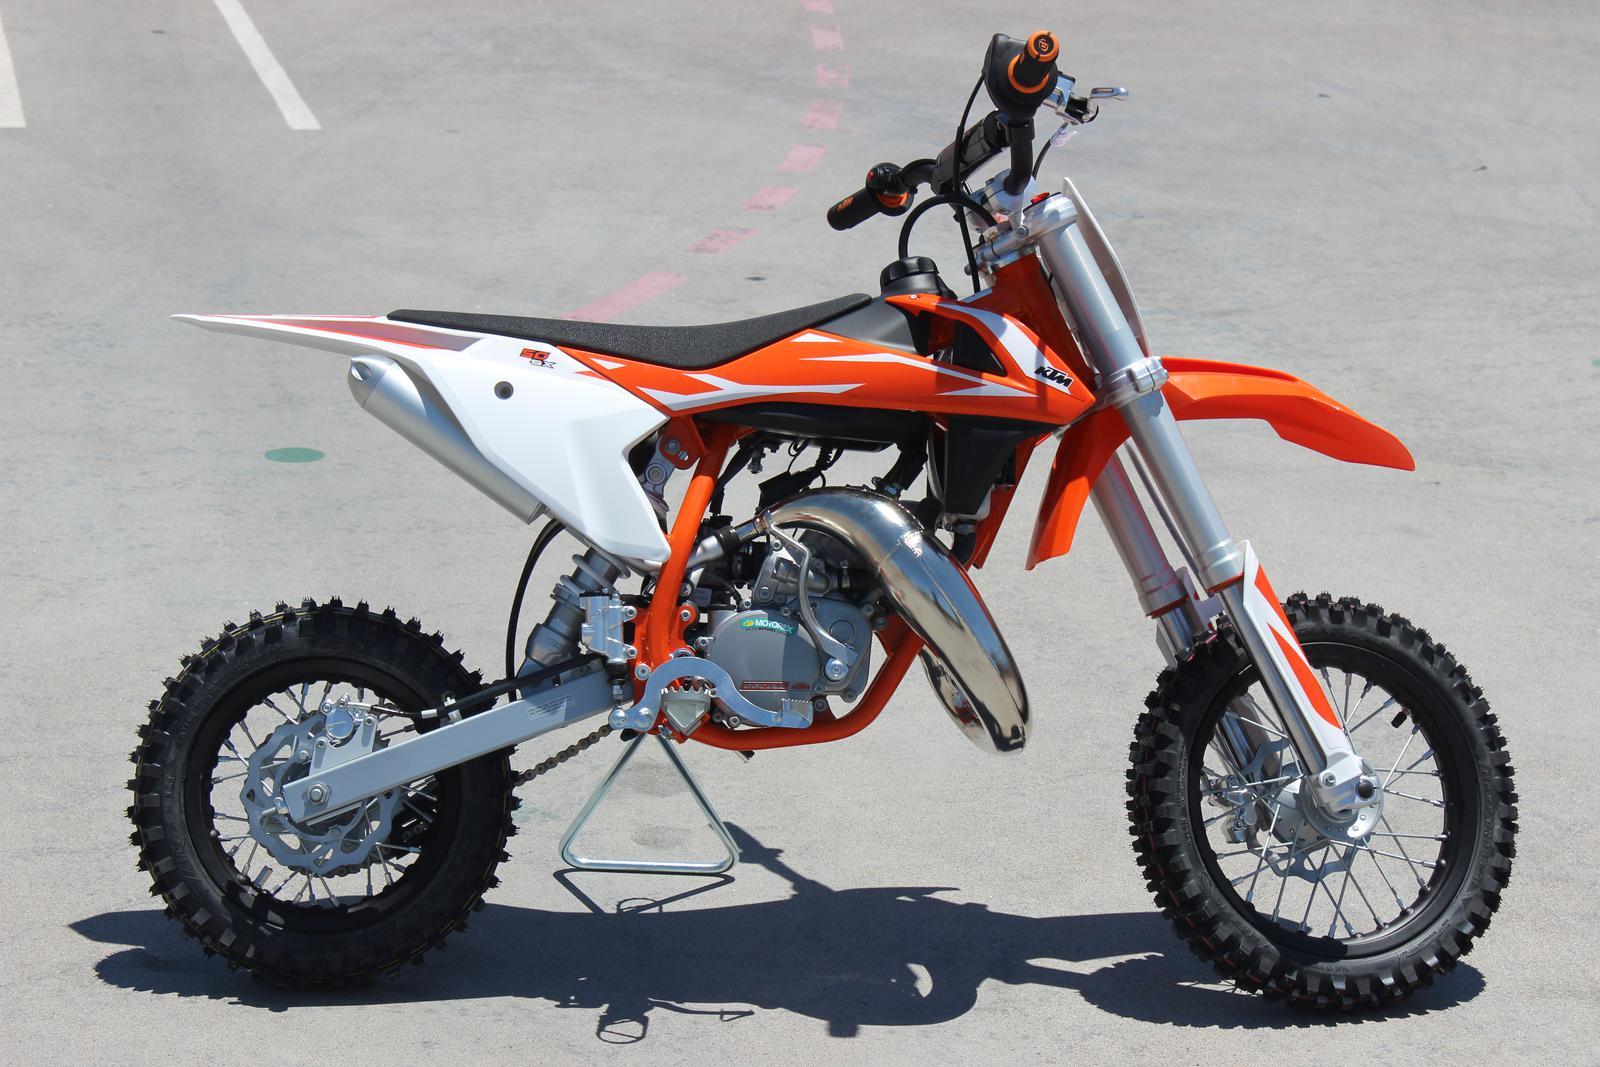 ktm 85 sx 2018 – idee per l'immagine del motociclo